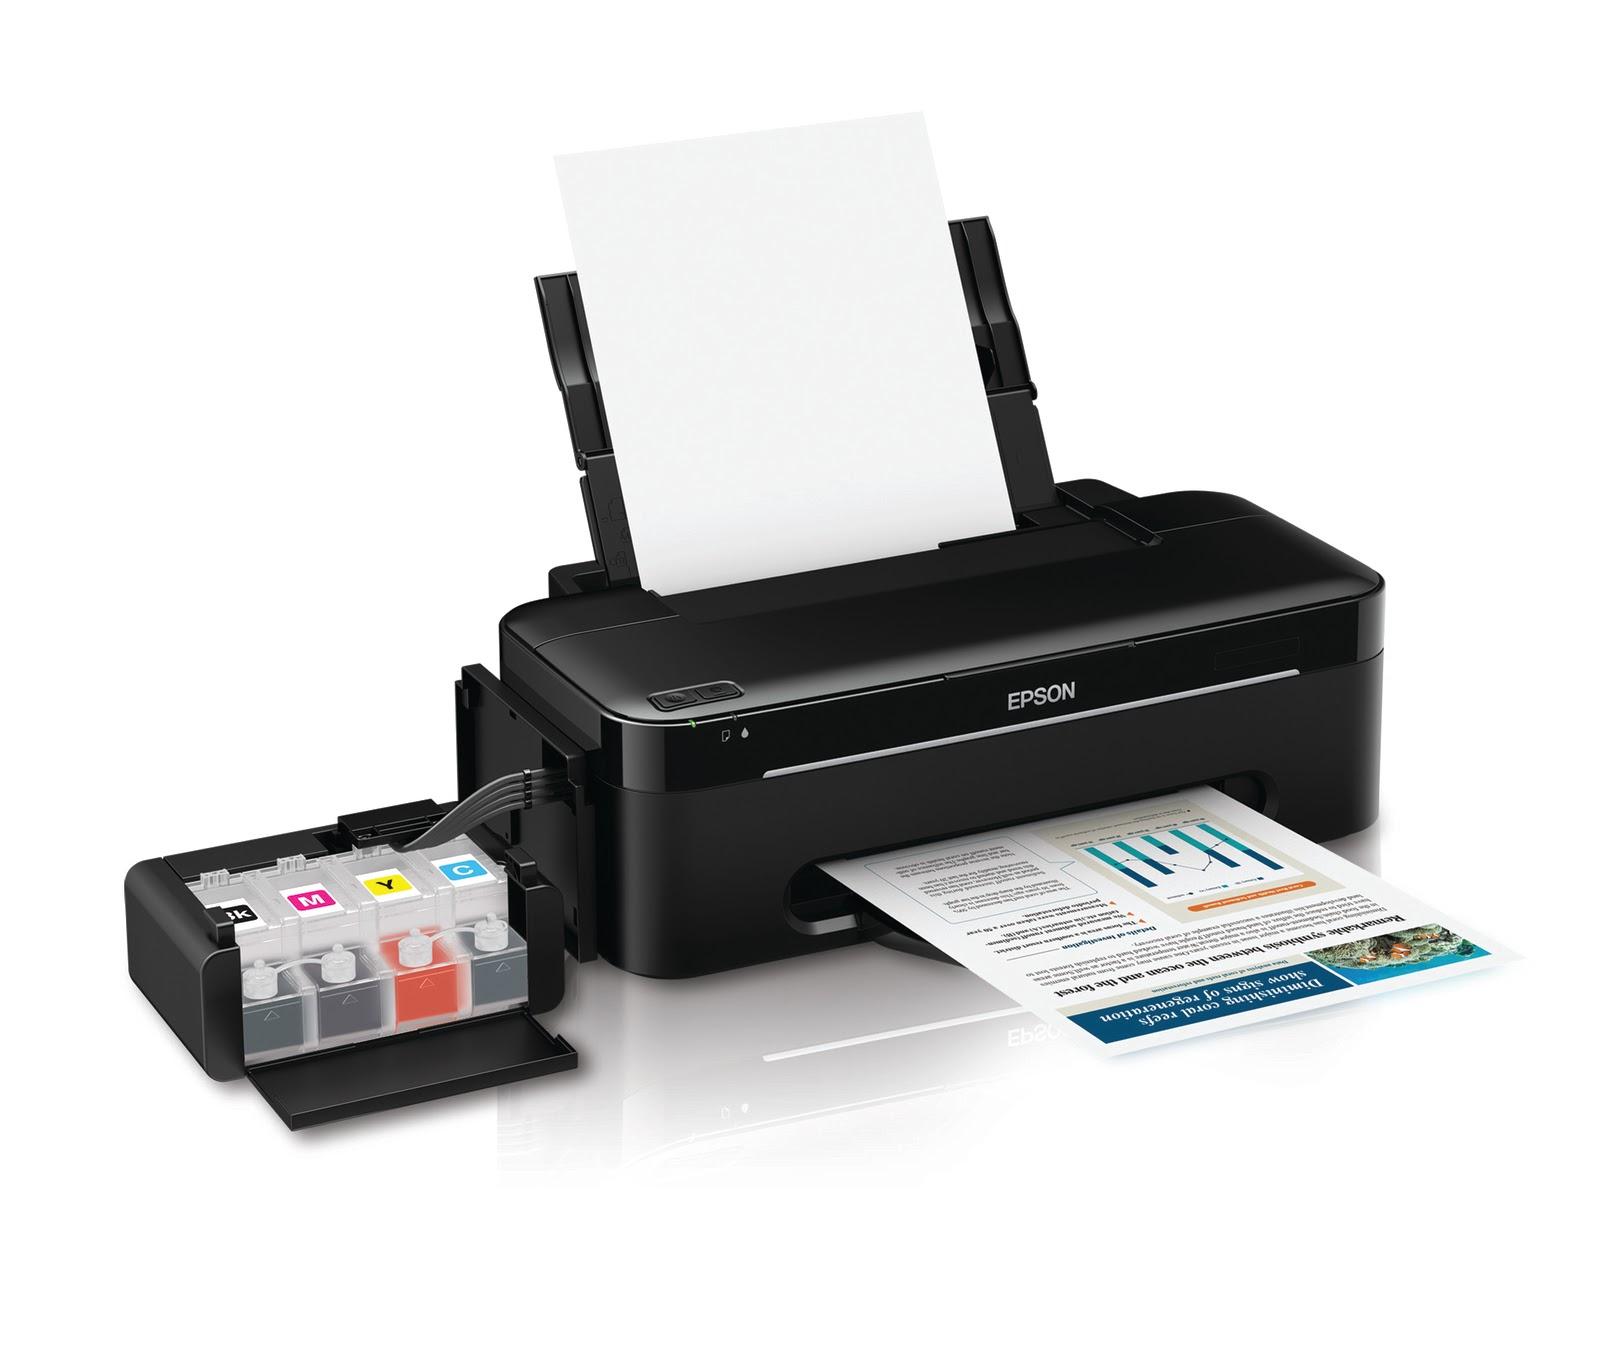 Impresora Epson L200